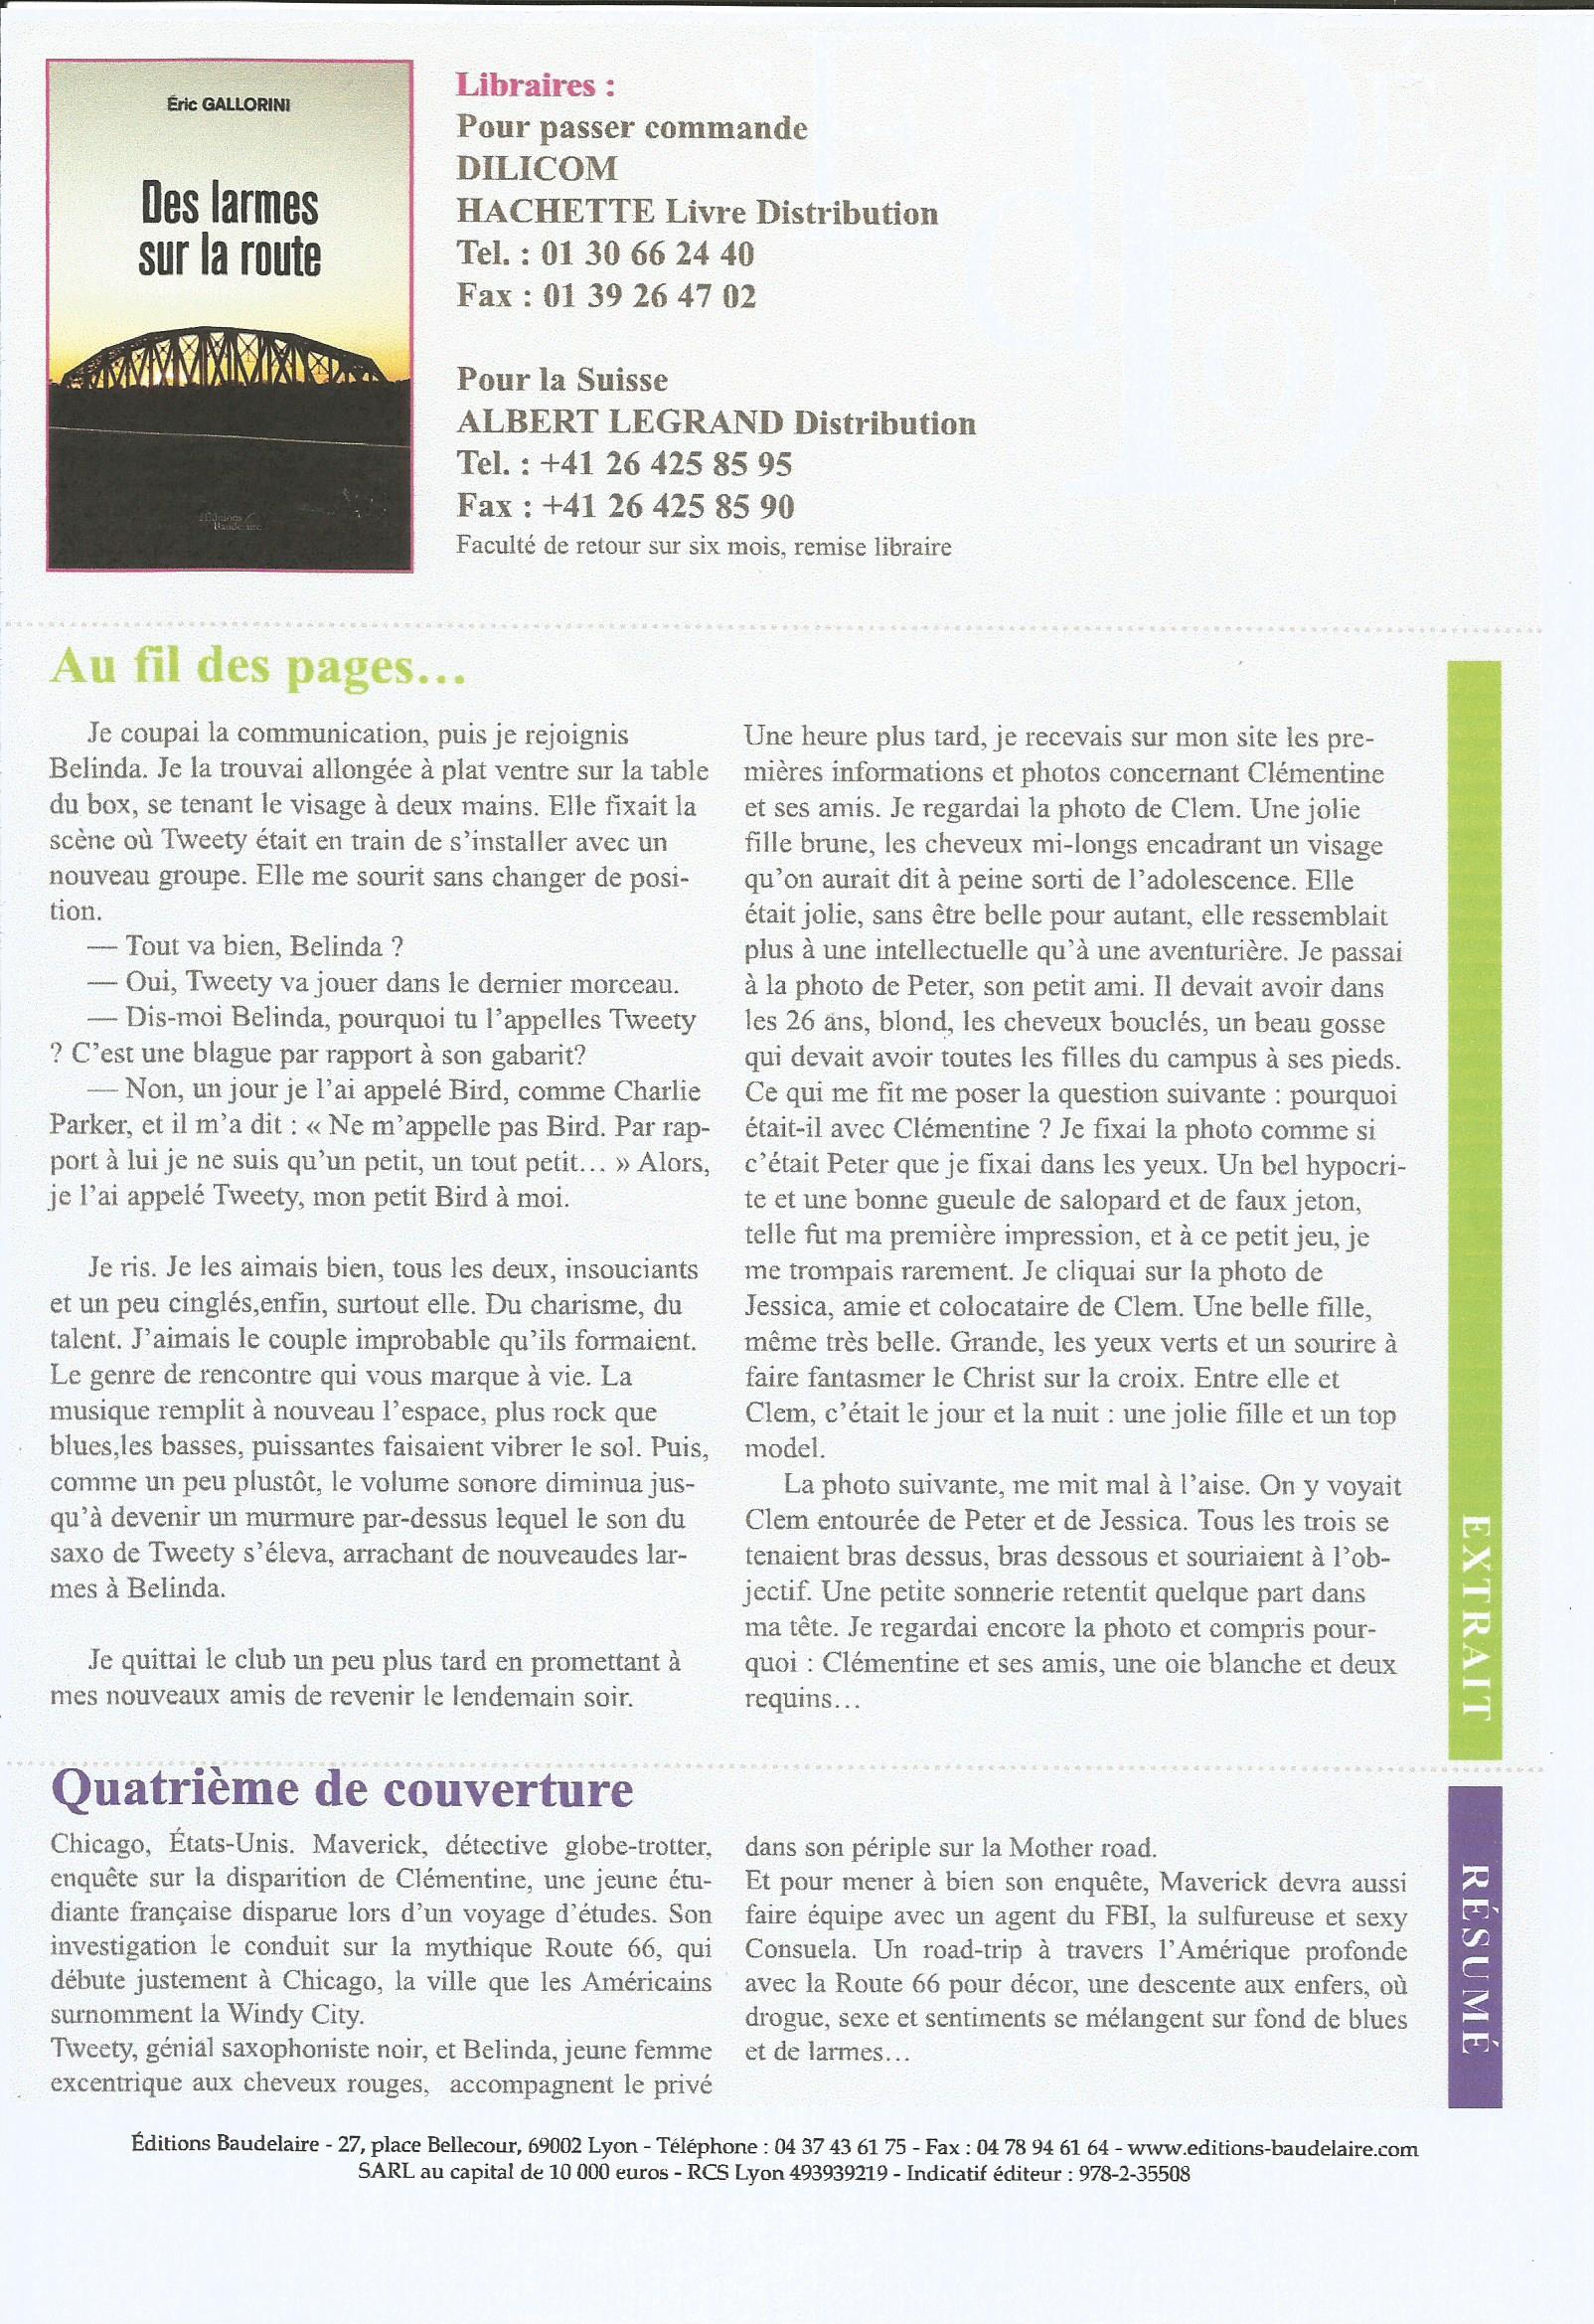 eric 8.jpg